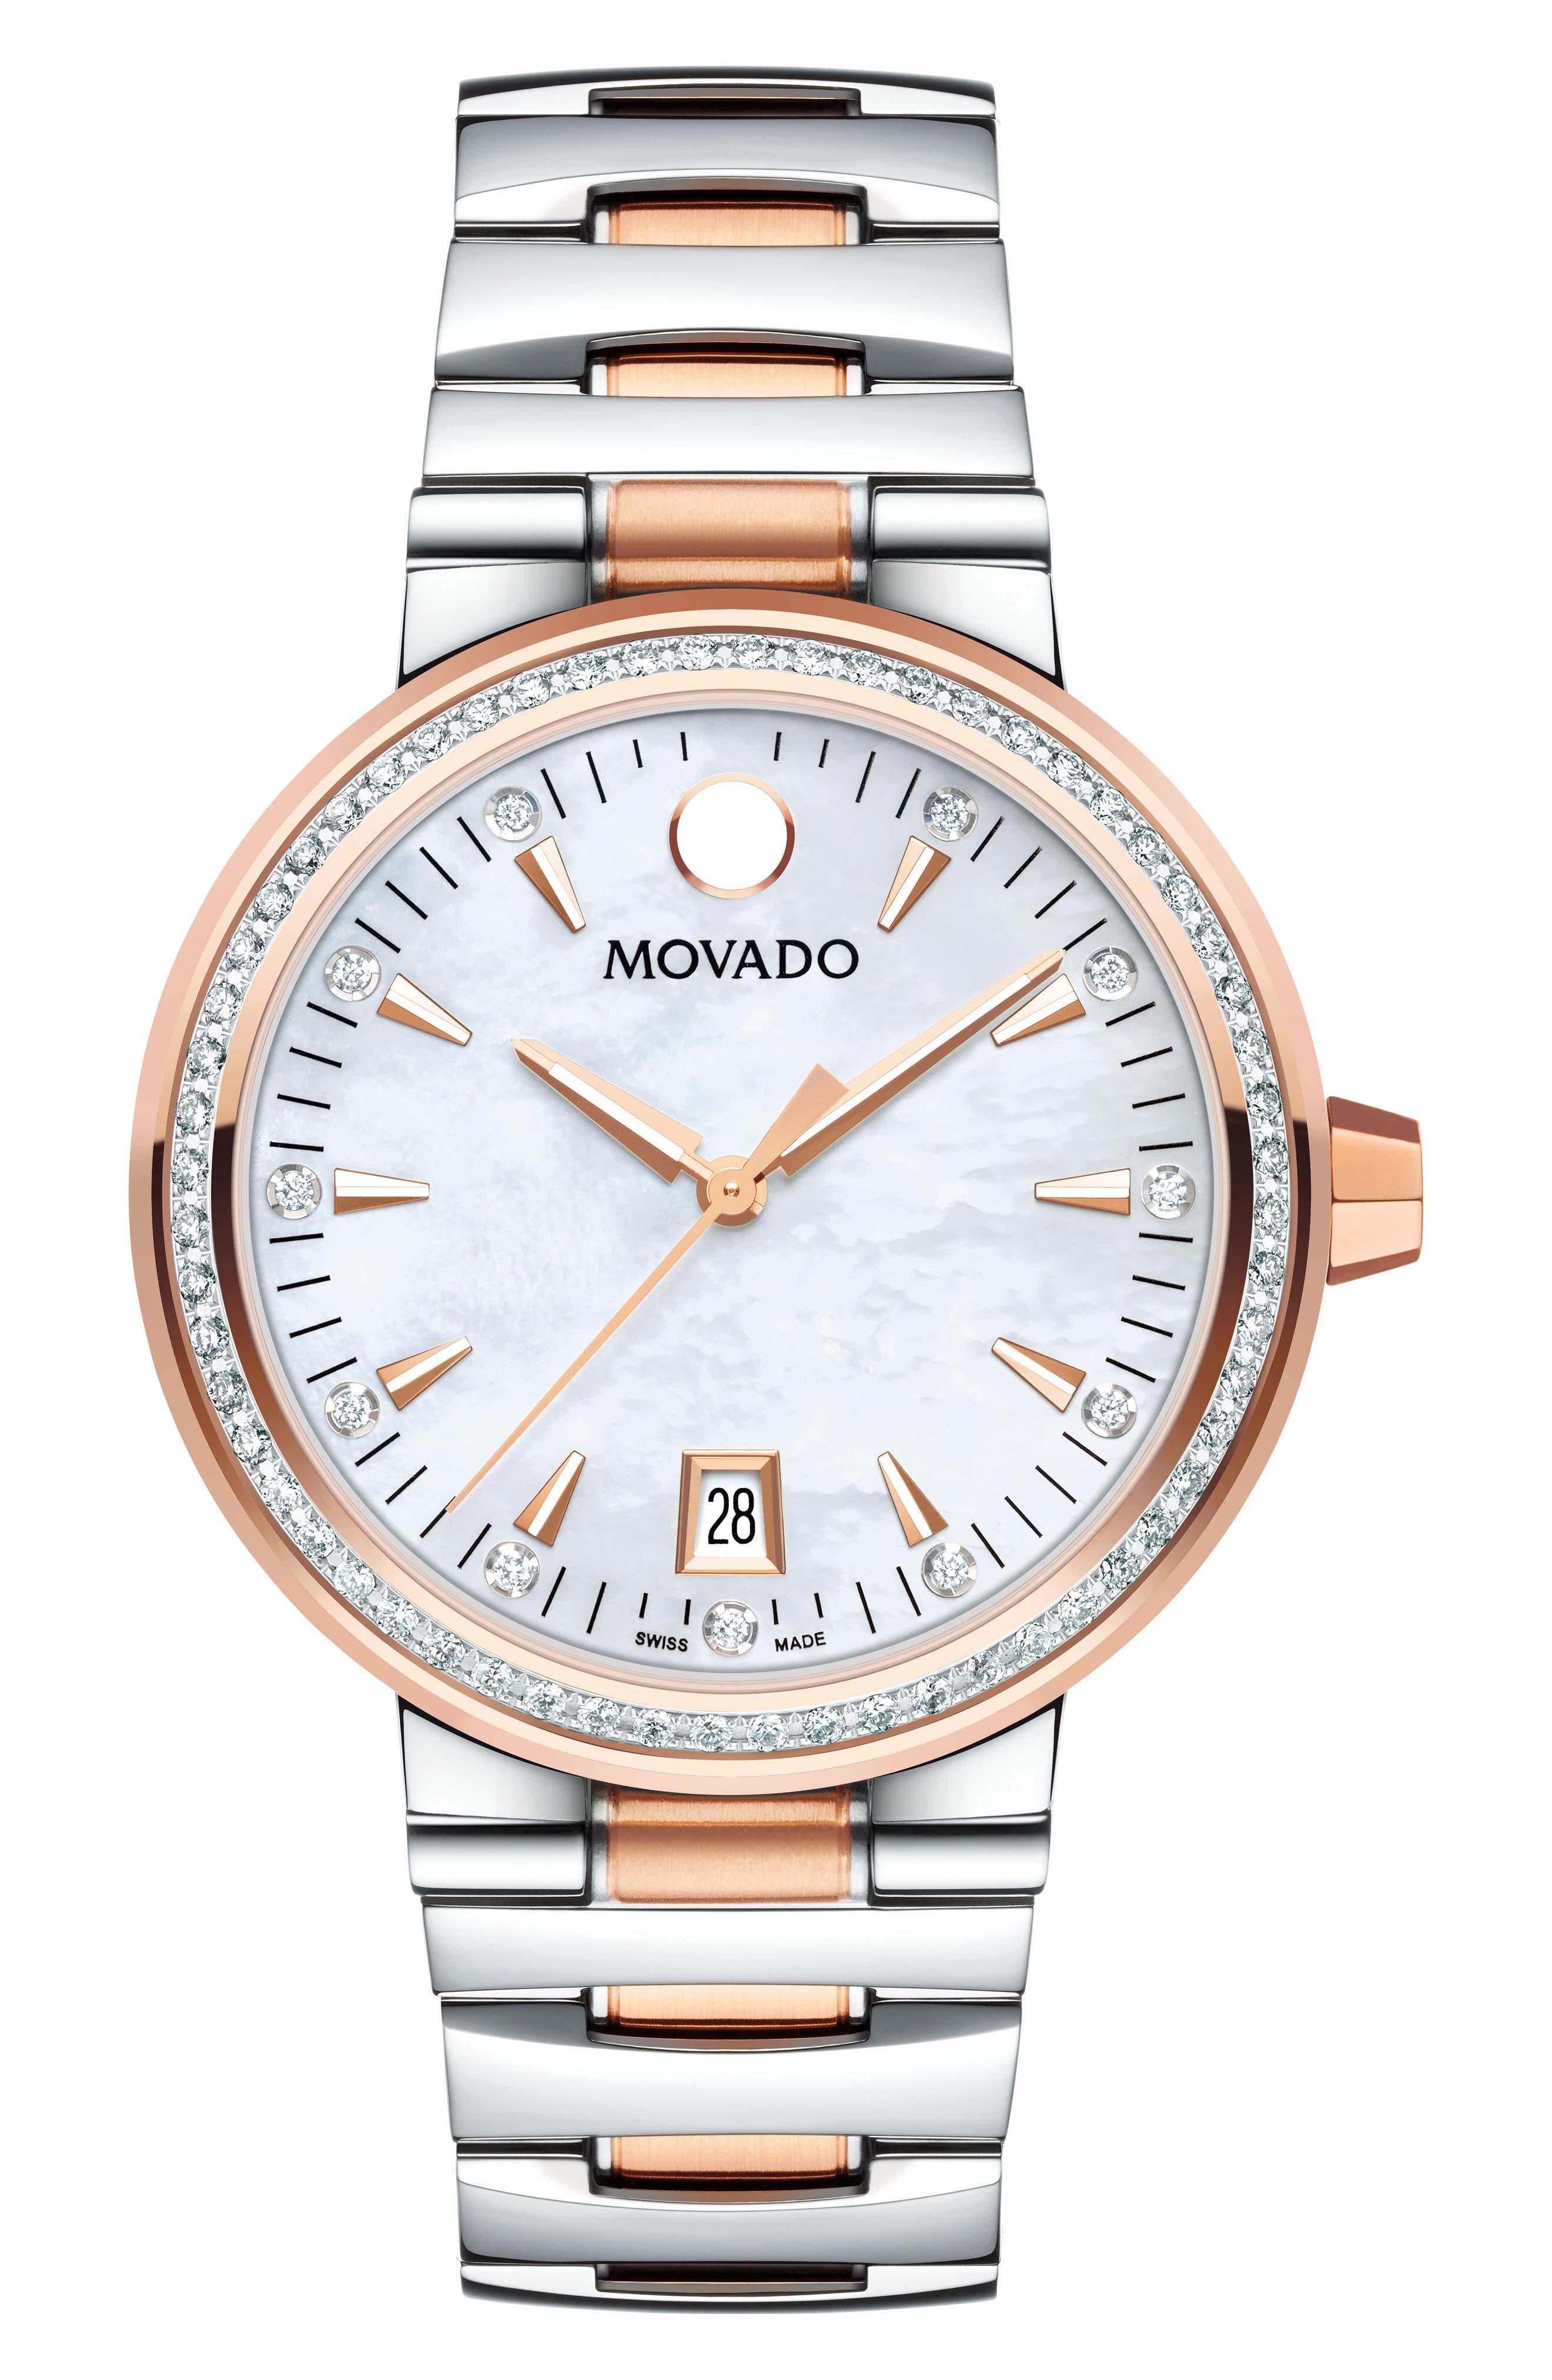 Main Image - Movado Vizio Pavé Diamond Bracelet Watch, 34mm